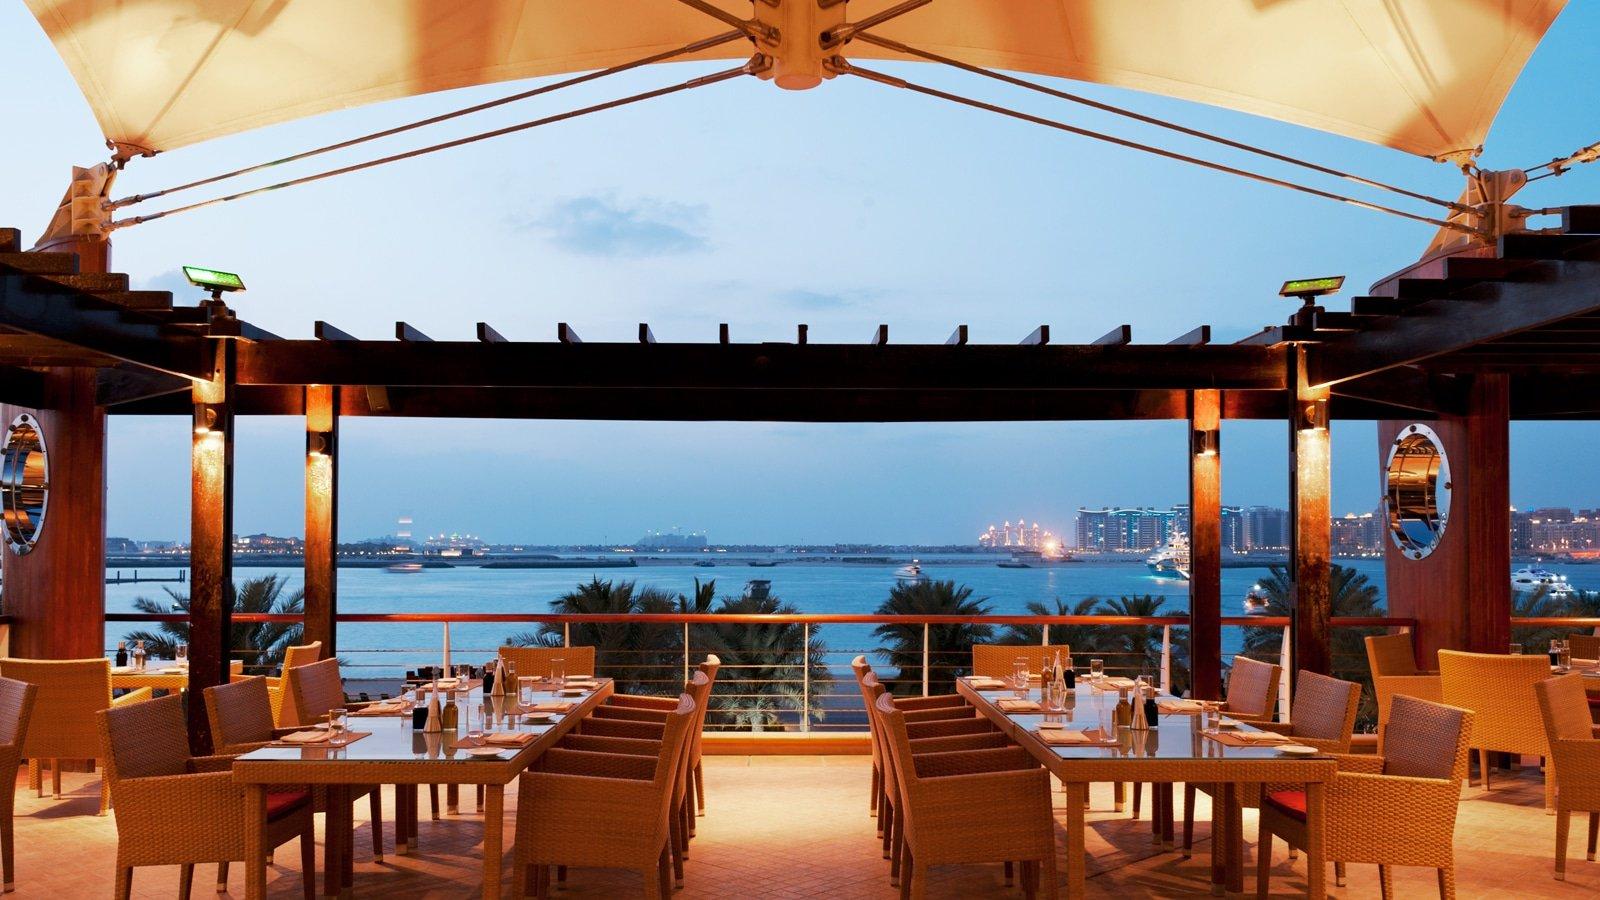 صورة مطاعم في دبي على البحر